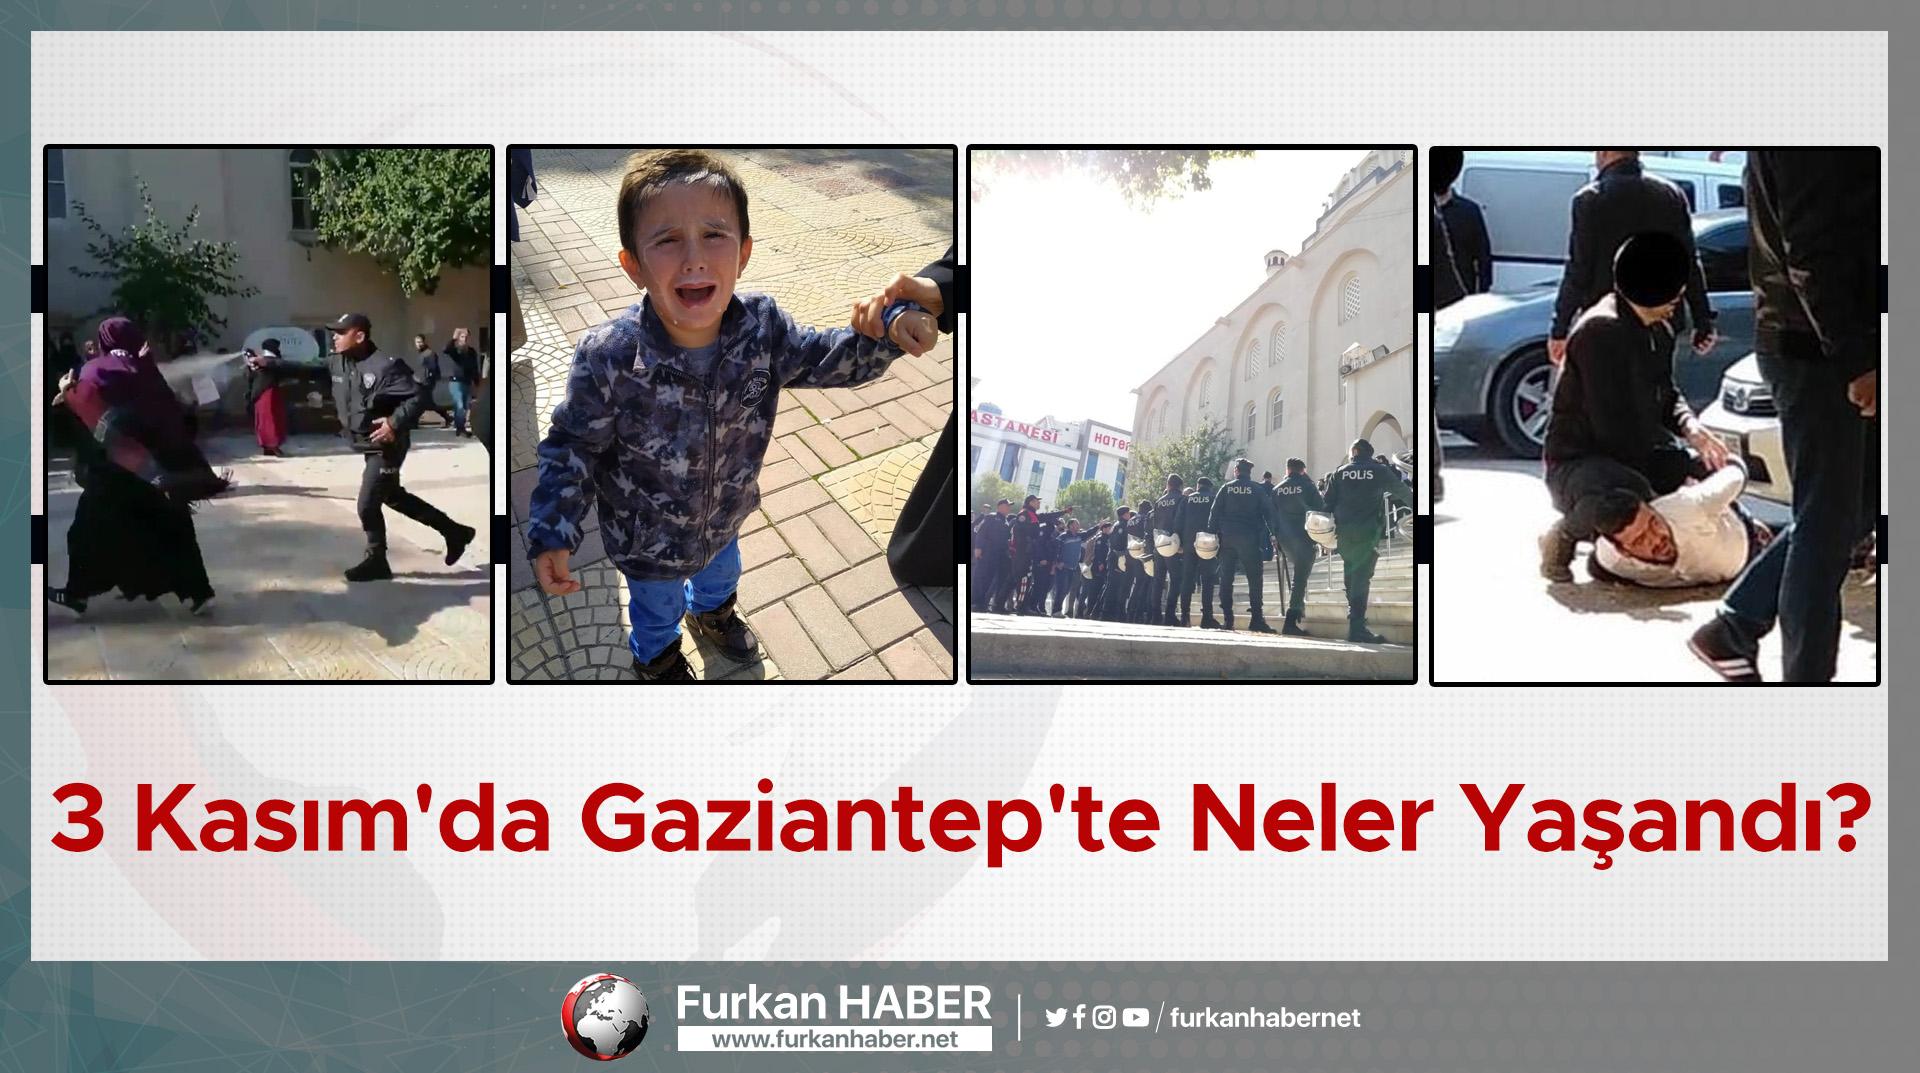 3 Kasım'da Gaziantep'te Neler Yaşandı?